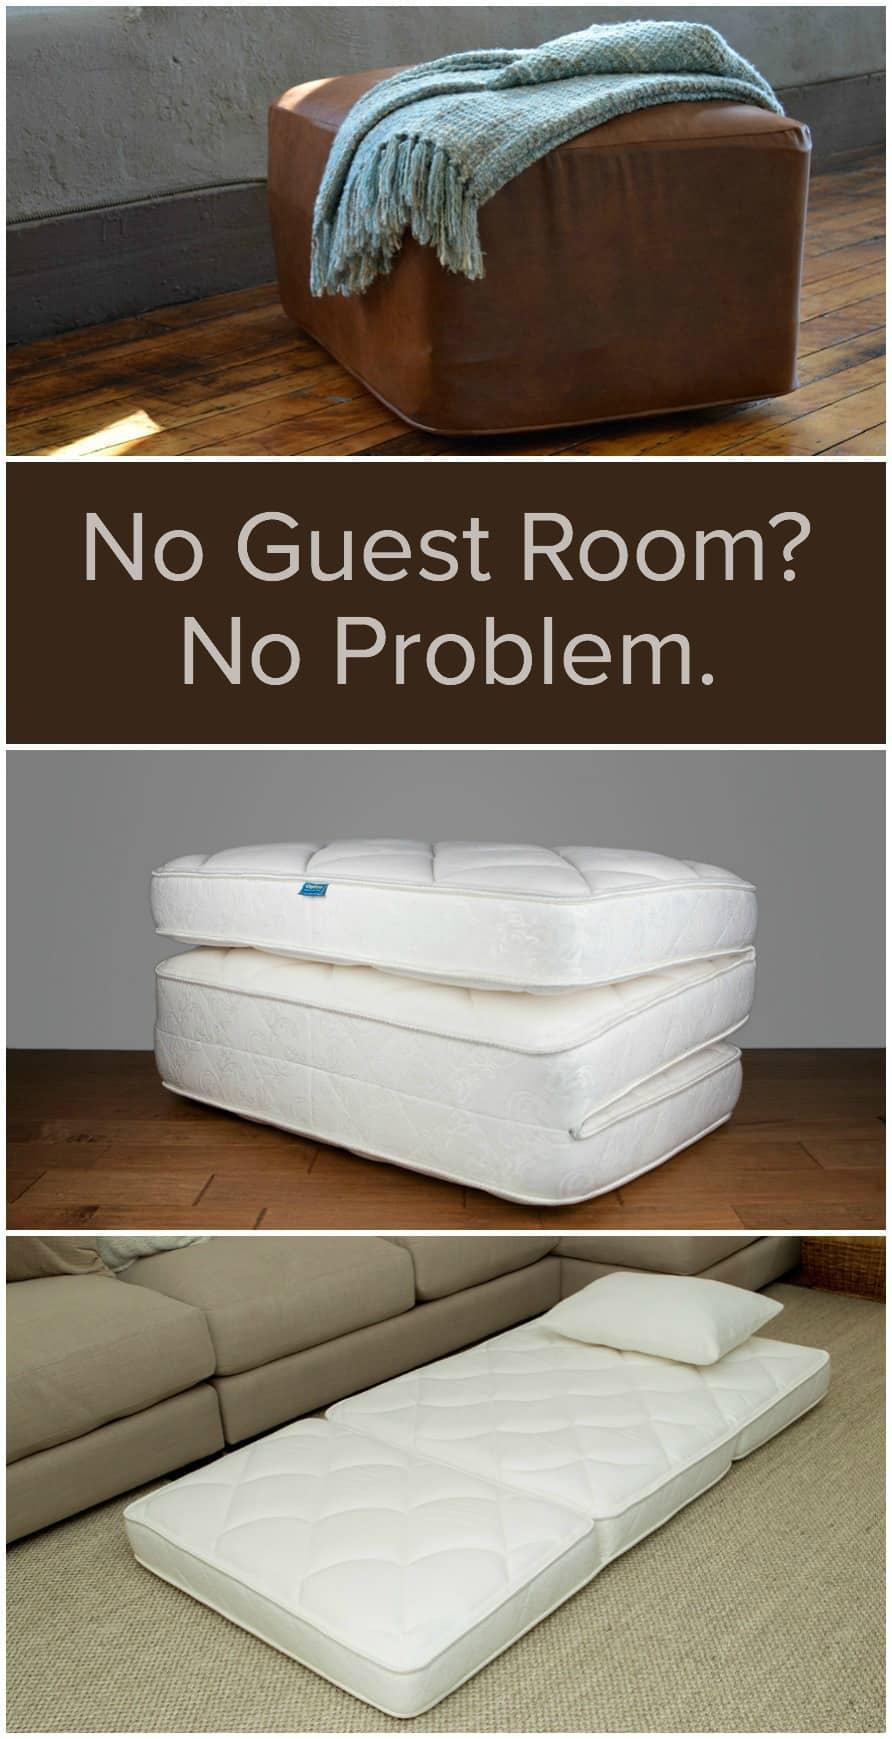 No Guest Room - No Problem